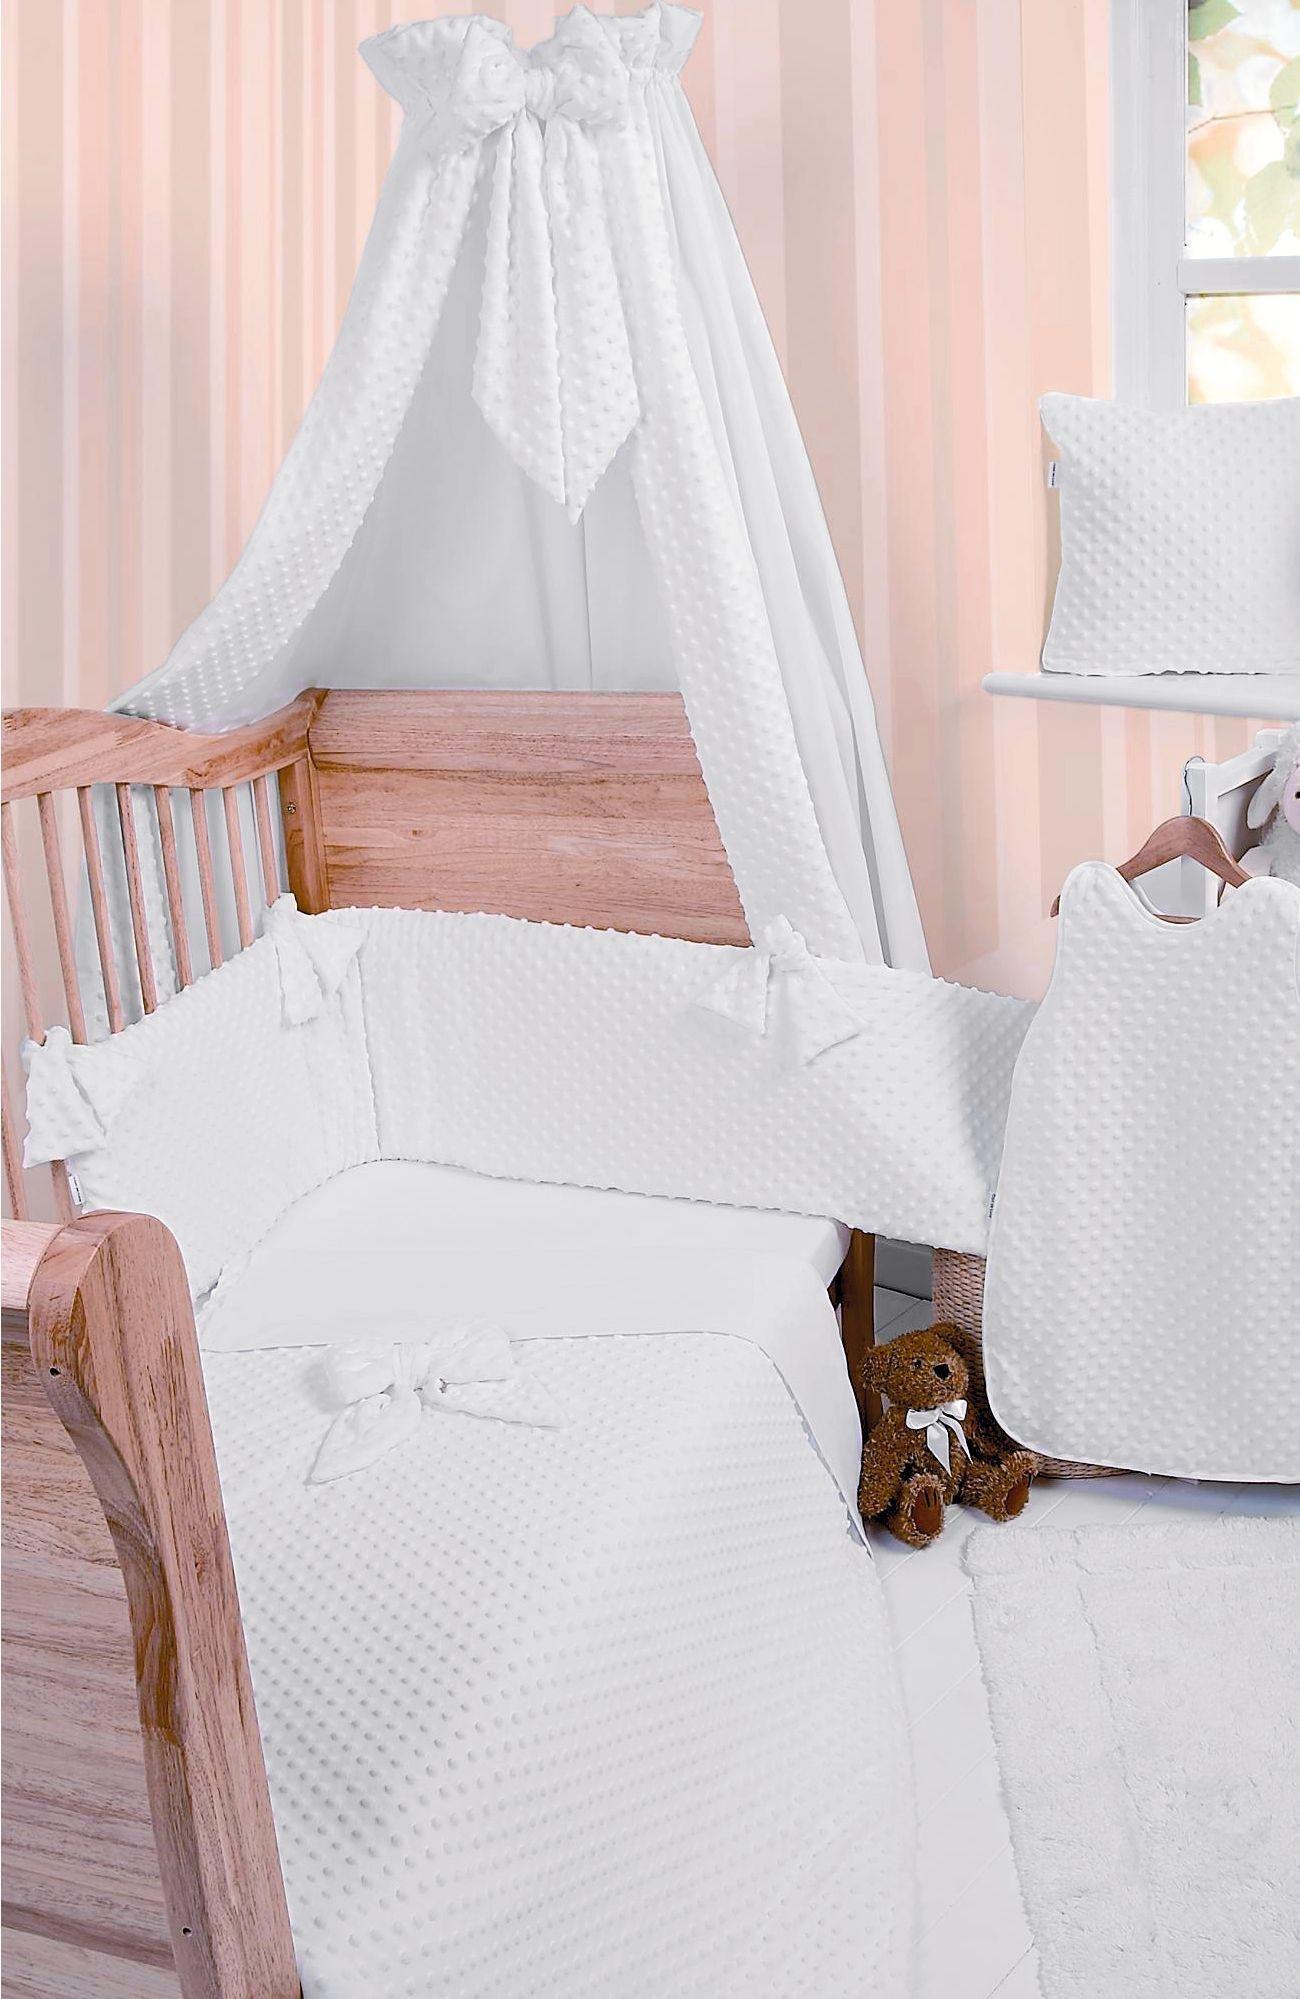 Clair de Lune Dimple 5 Piece Cot/Cot Bed Bedding Bale.